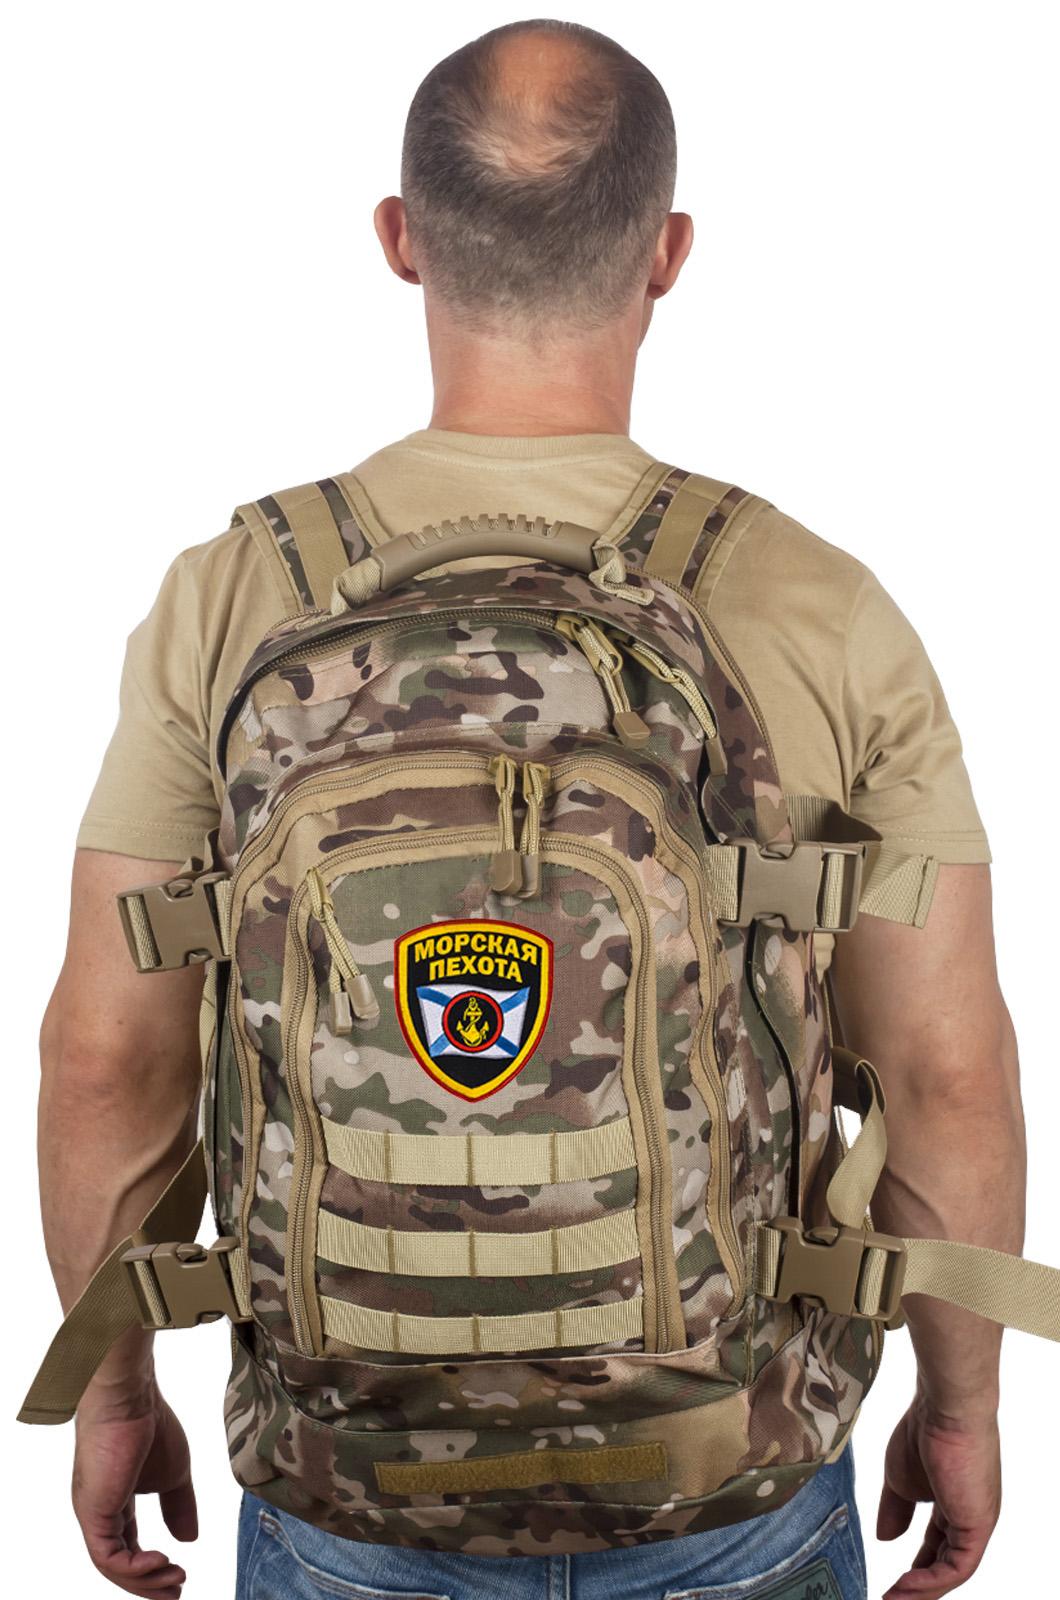 Тактический военный рюкзак 3-Day Expandable Backpack 08002A OCP